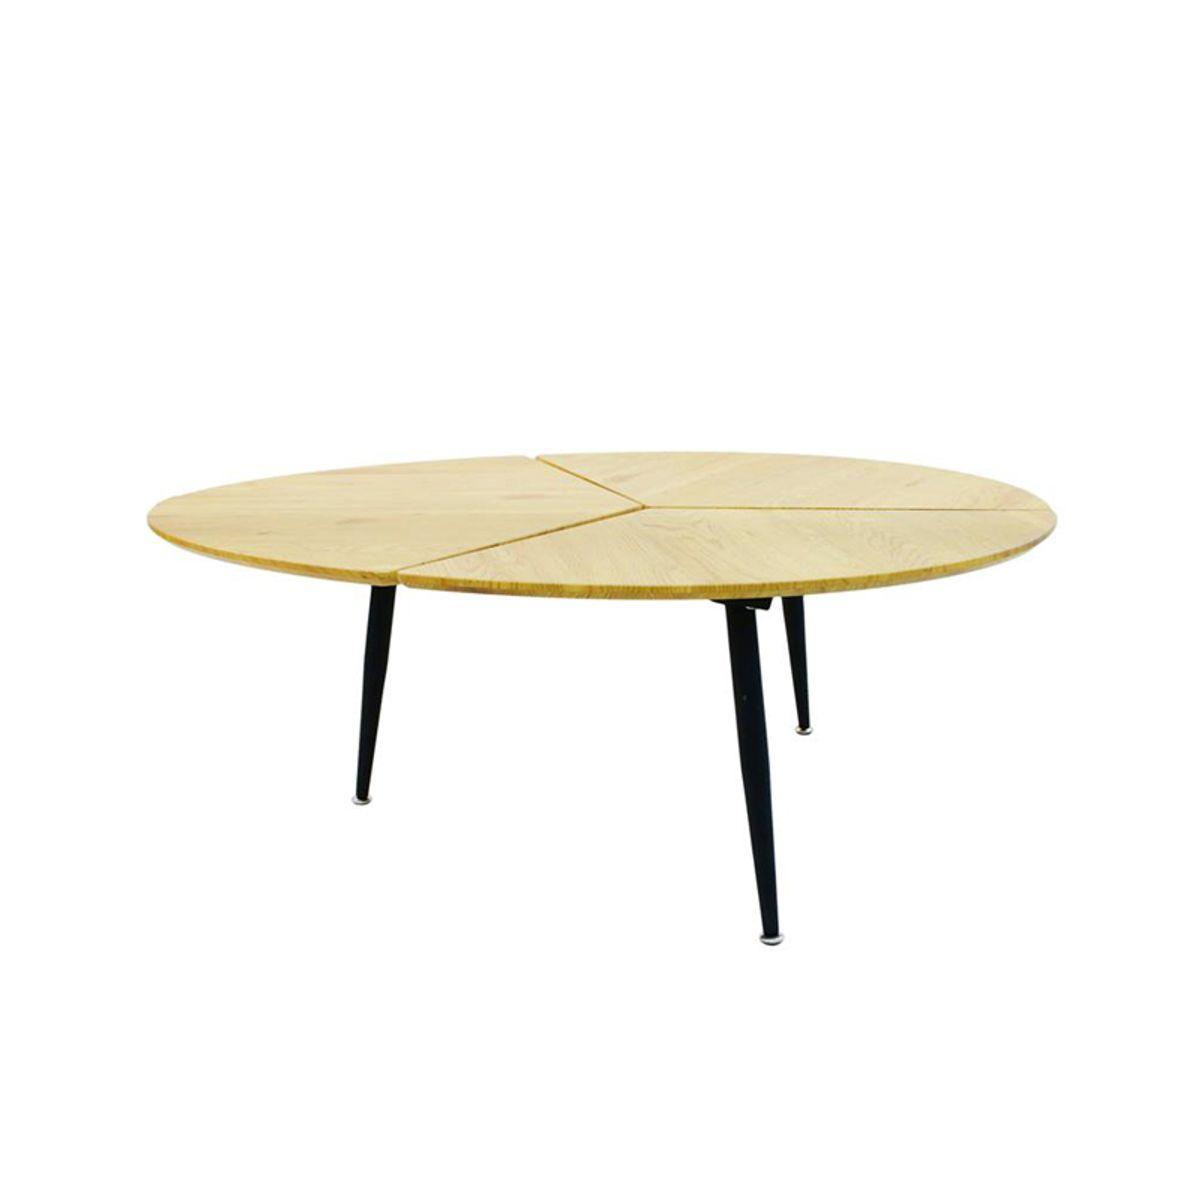 Table basse design ovale en bois et métal